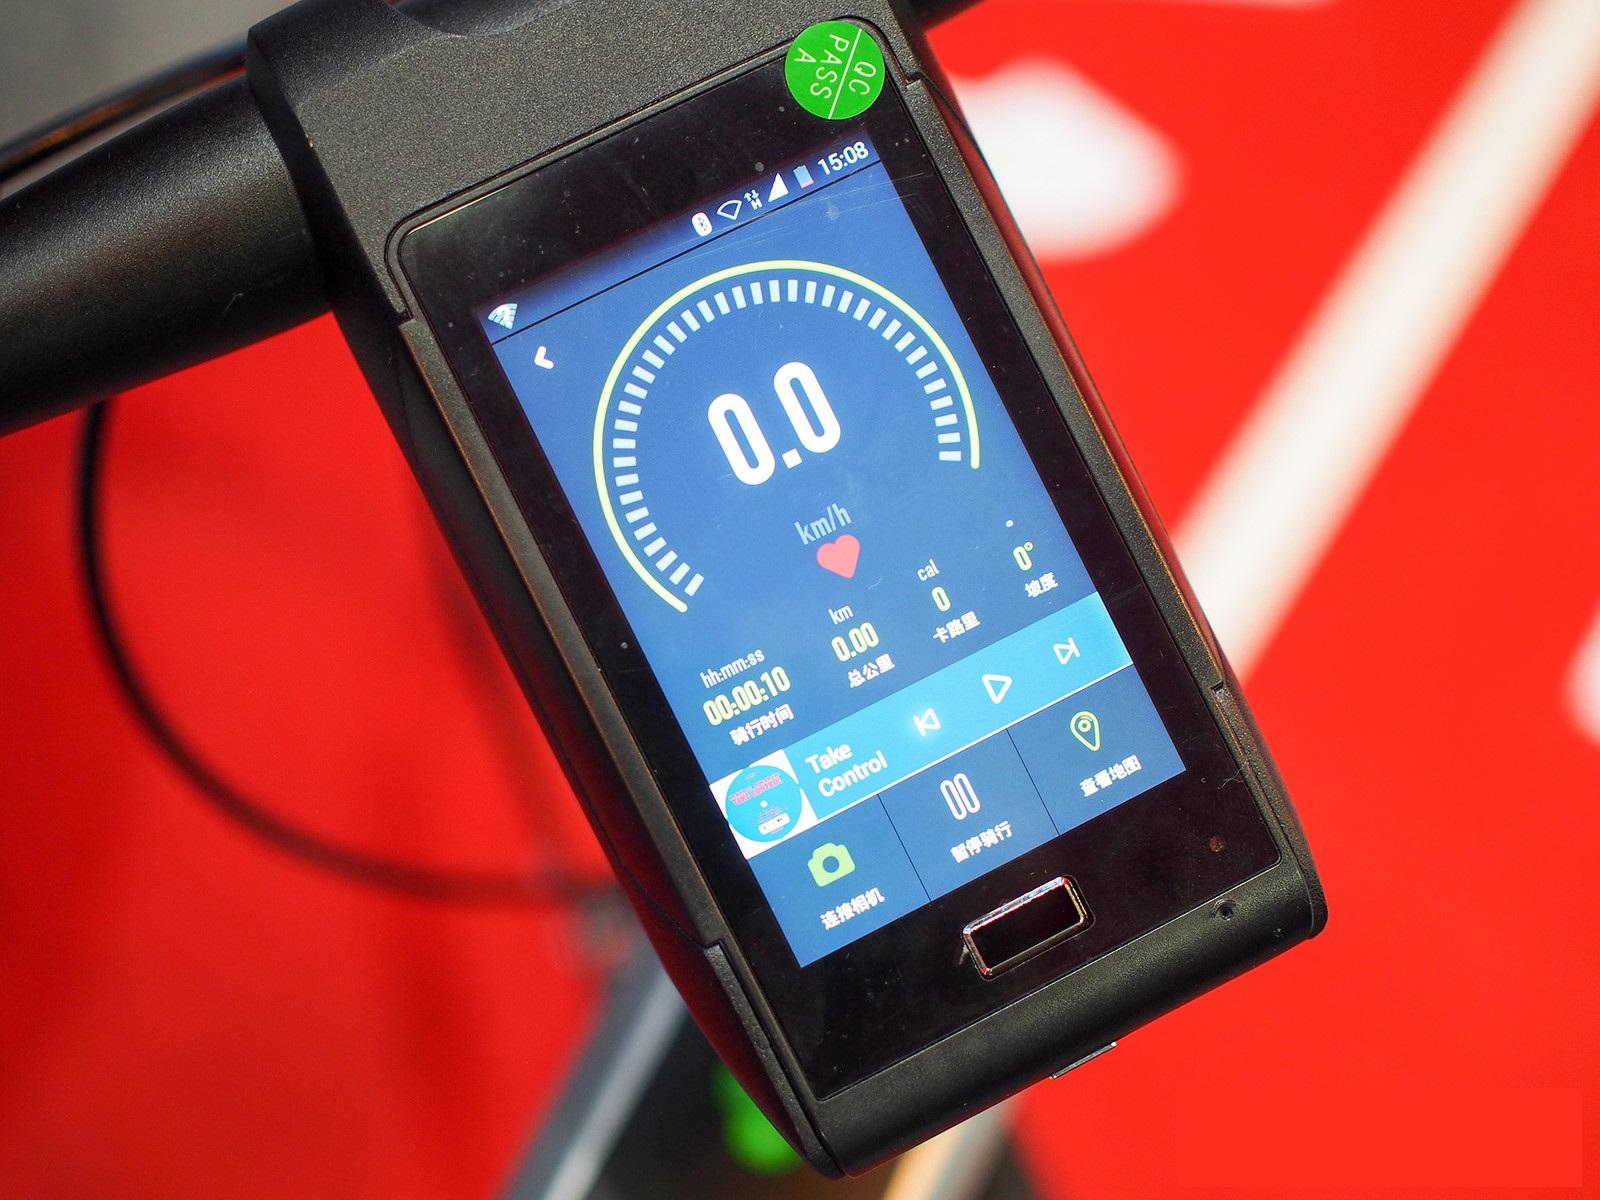 LeEco-android-bike-5 Ce fac producatorii de smartphone-uri cand nu fabrica telefoane? Fabrica biciclete!